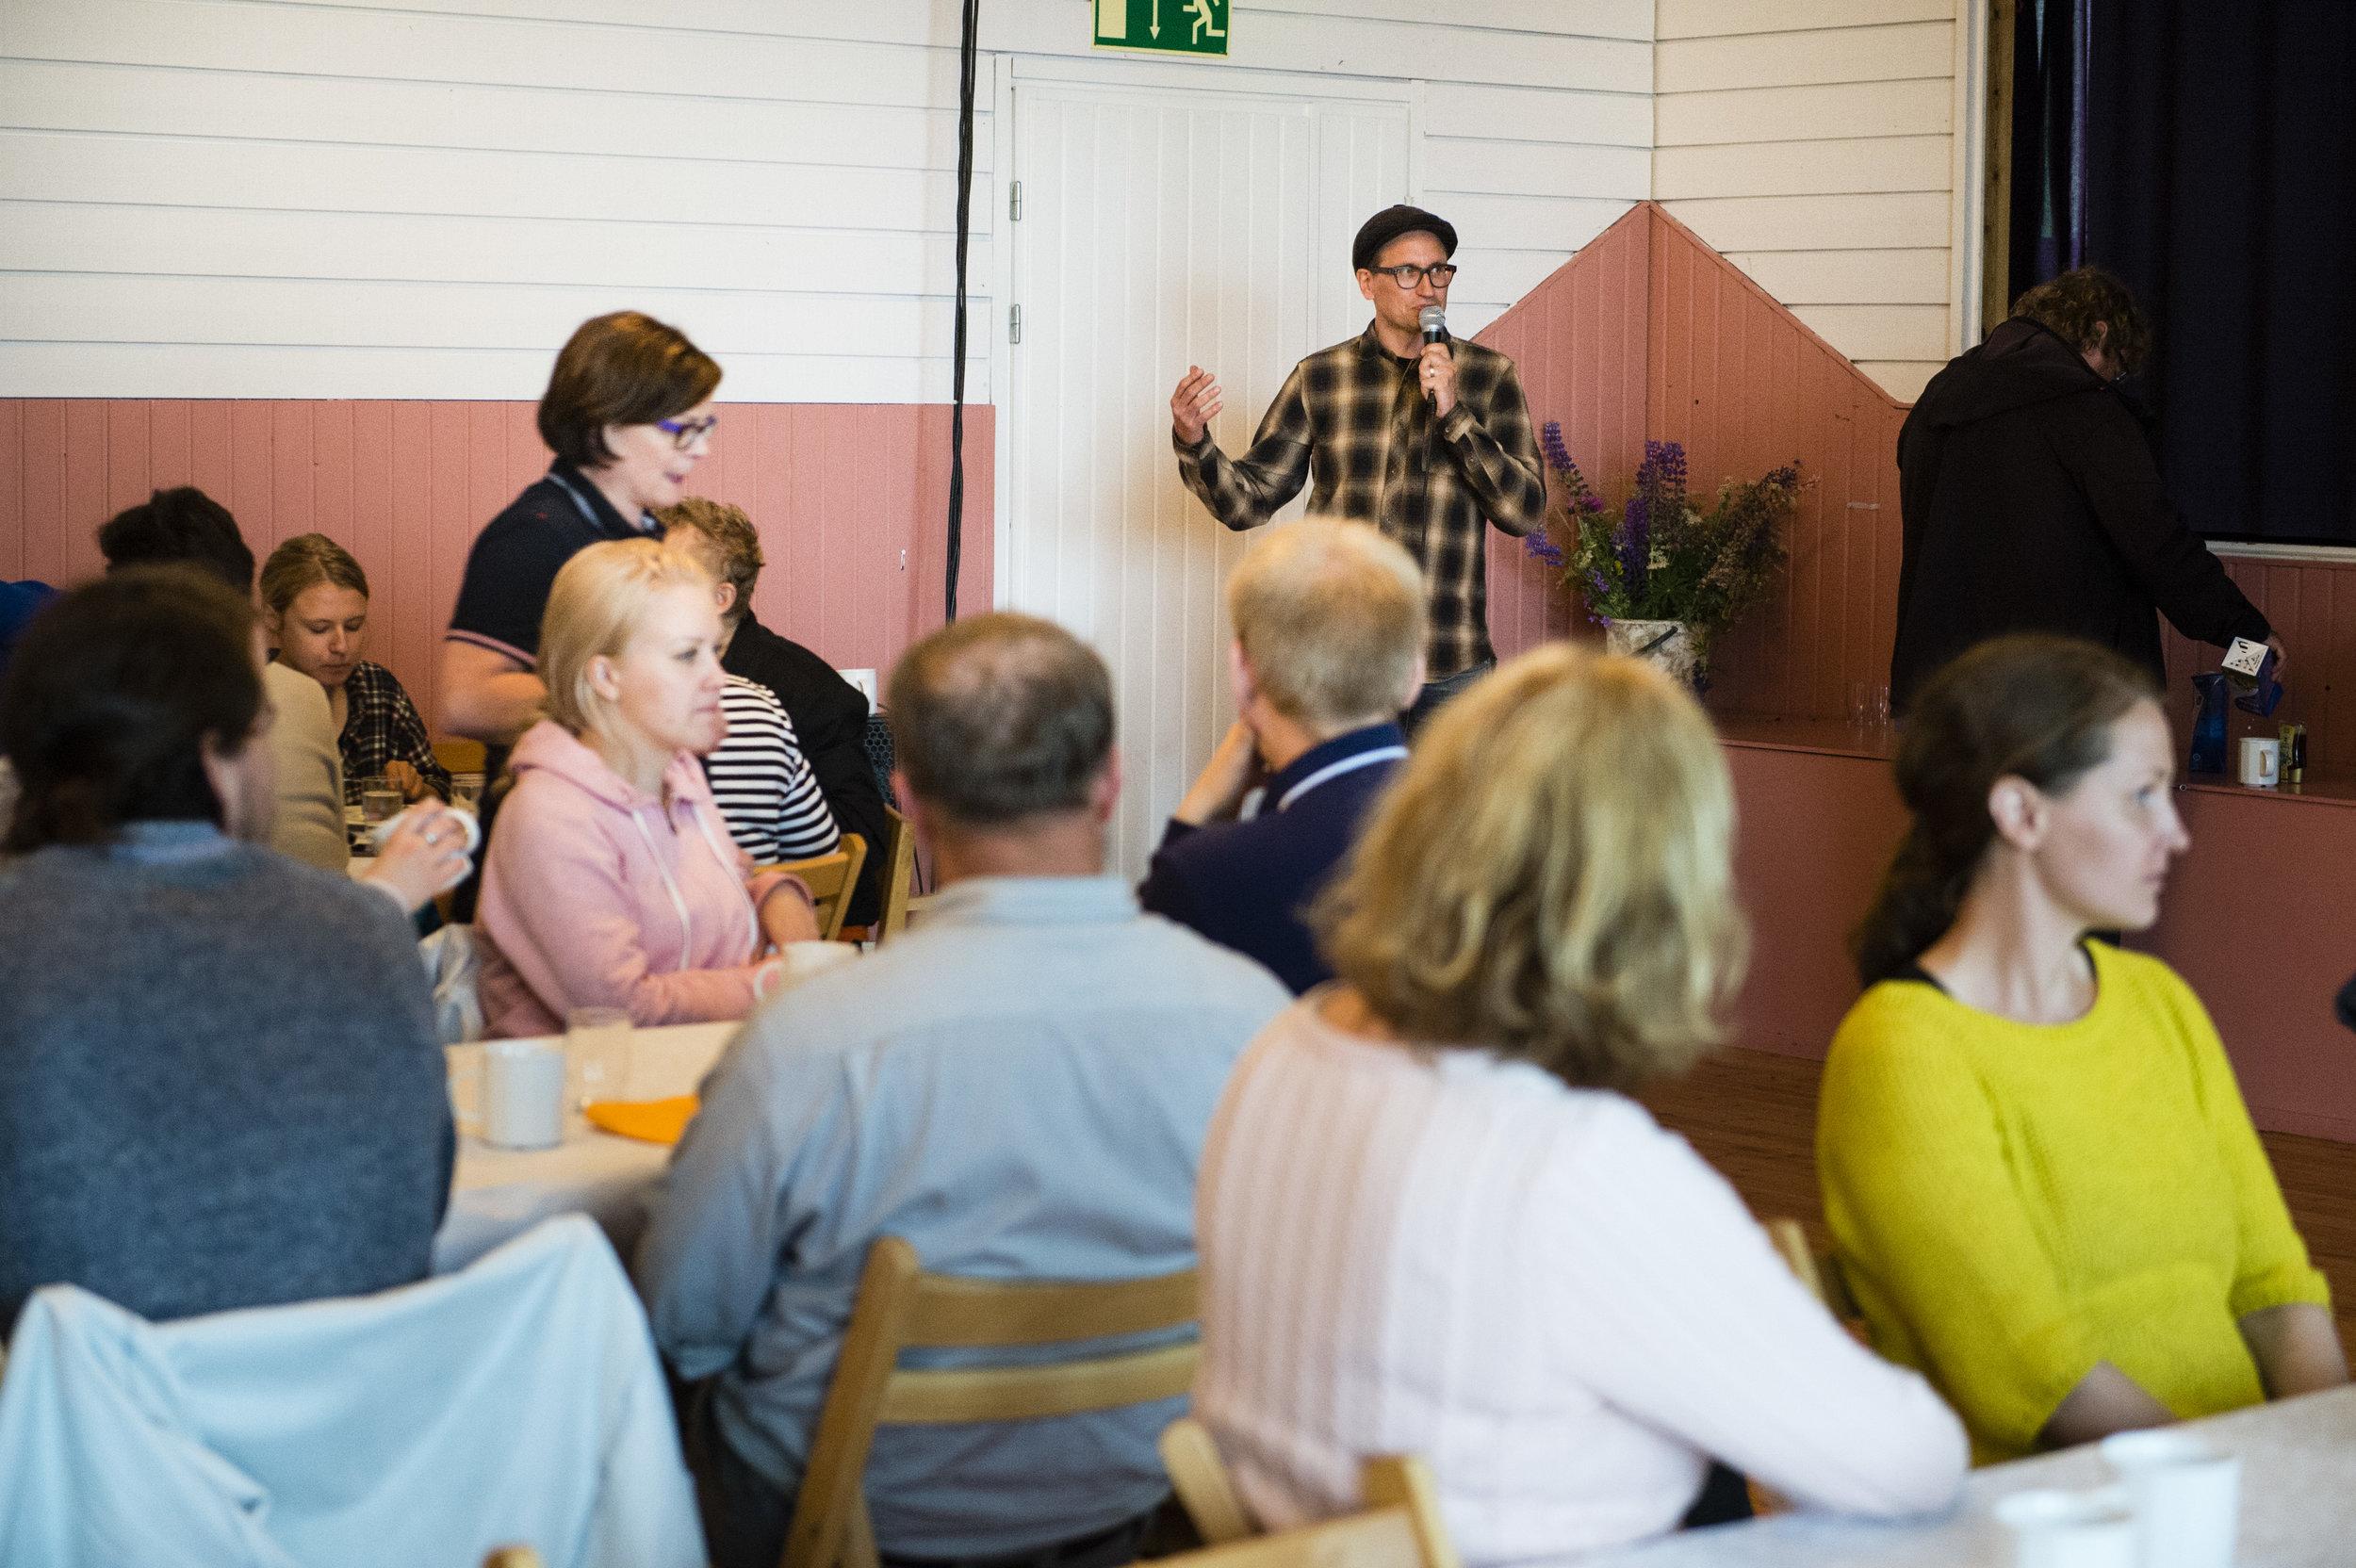 Ruokailun jälkeen olimme kutsuneet asiantuntijoita kommentoimaan ja herättämään keskustelua kumppanuusmaatalouden mahdollisuuksista. Yli 50 osallistujaa kuunteli mielenkiintoisia puheenvuoroja Vantaan Steinerkoululla.